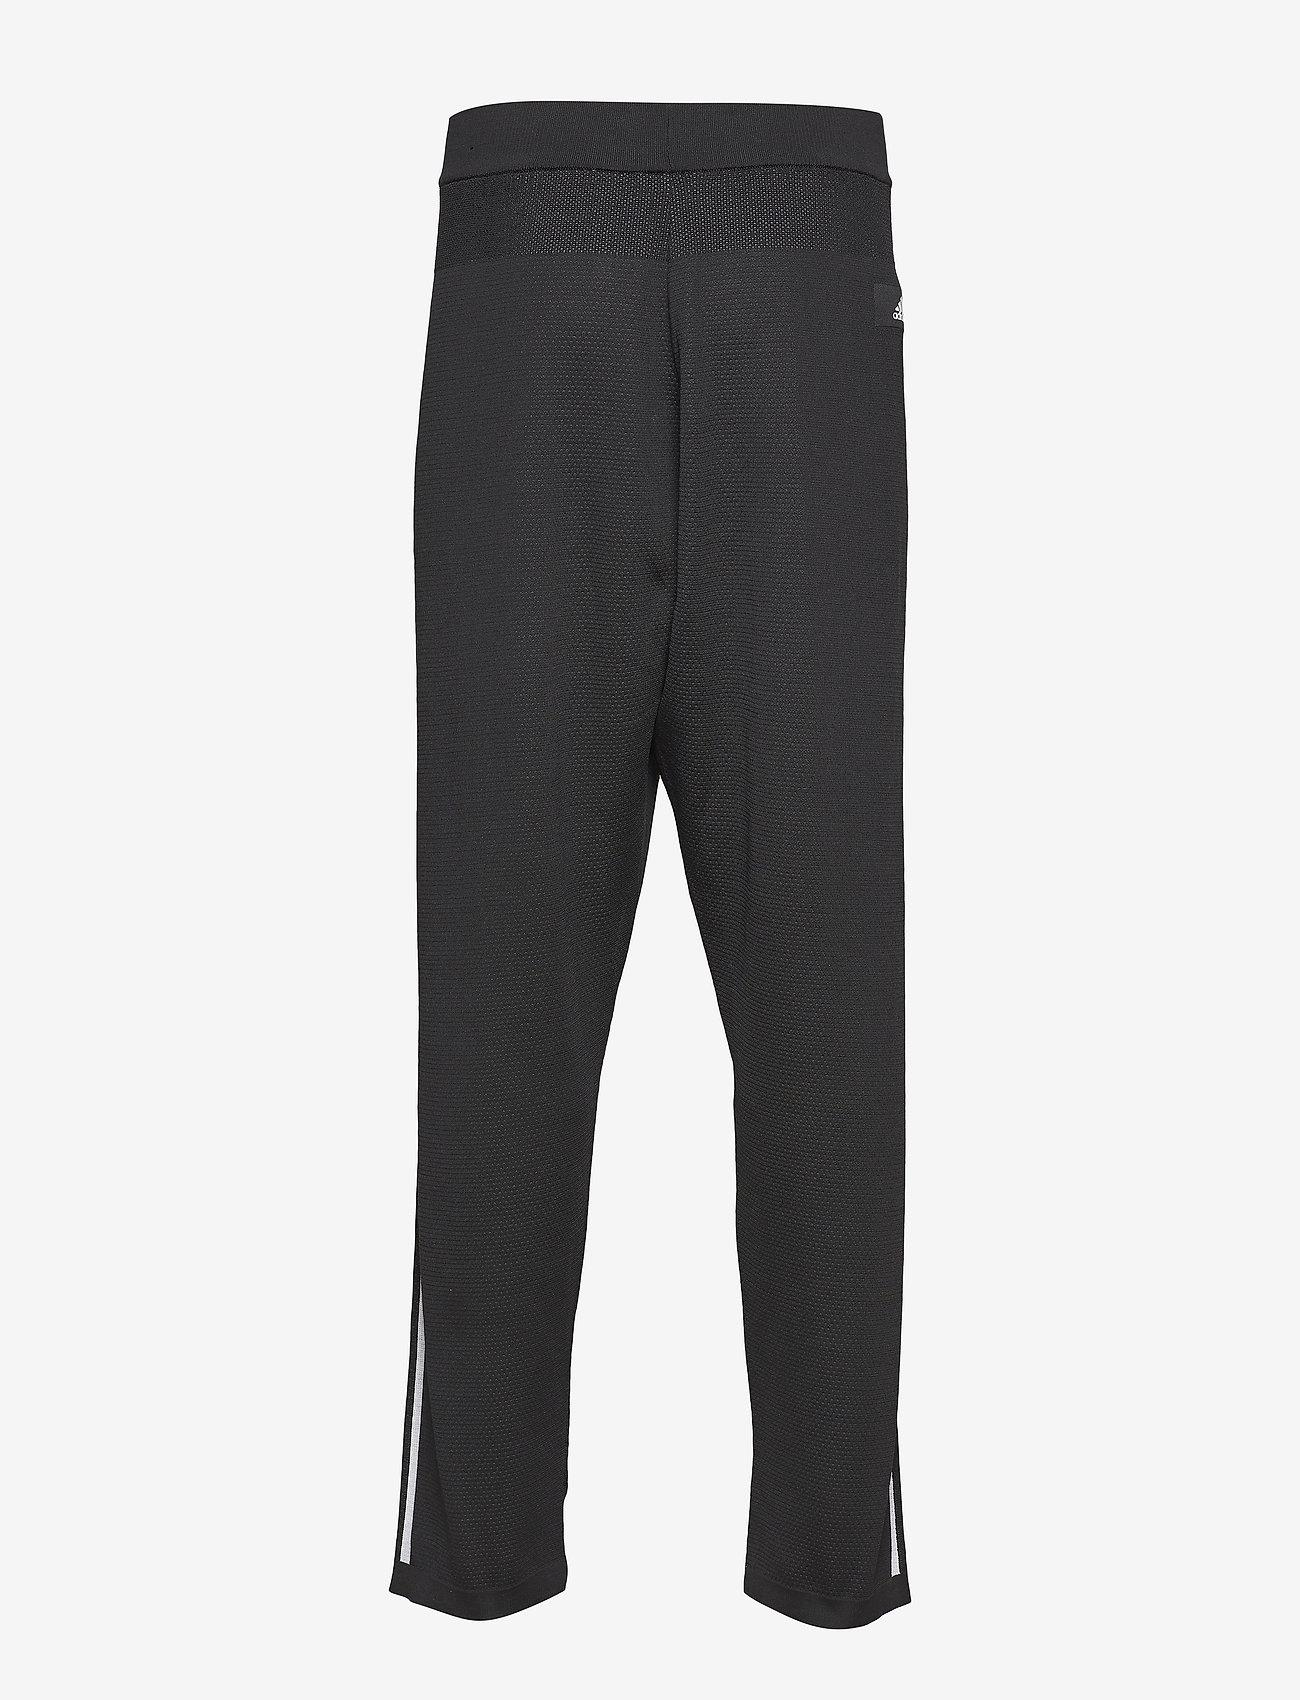 adidas Performance - M ID Kn Striker - sports pants - black